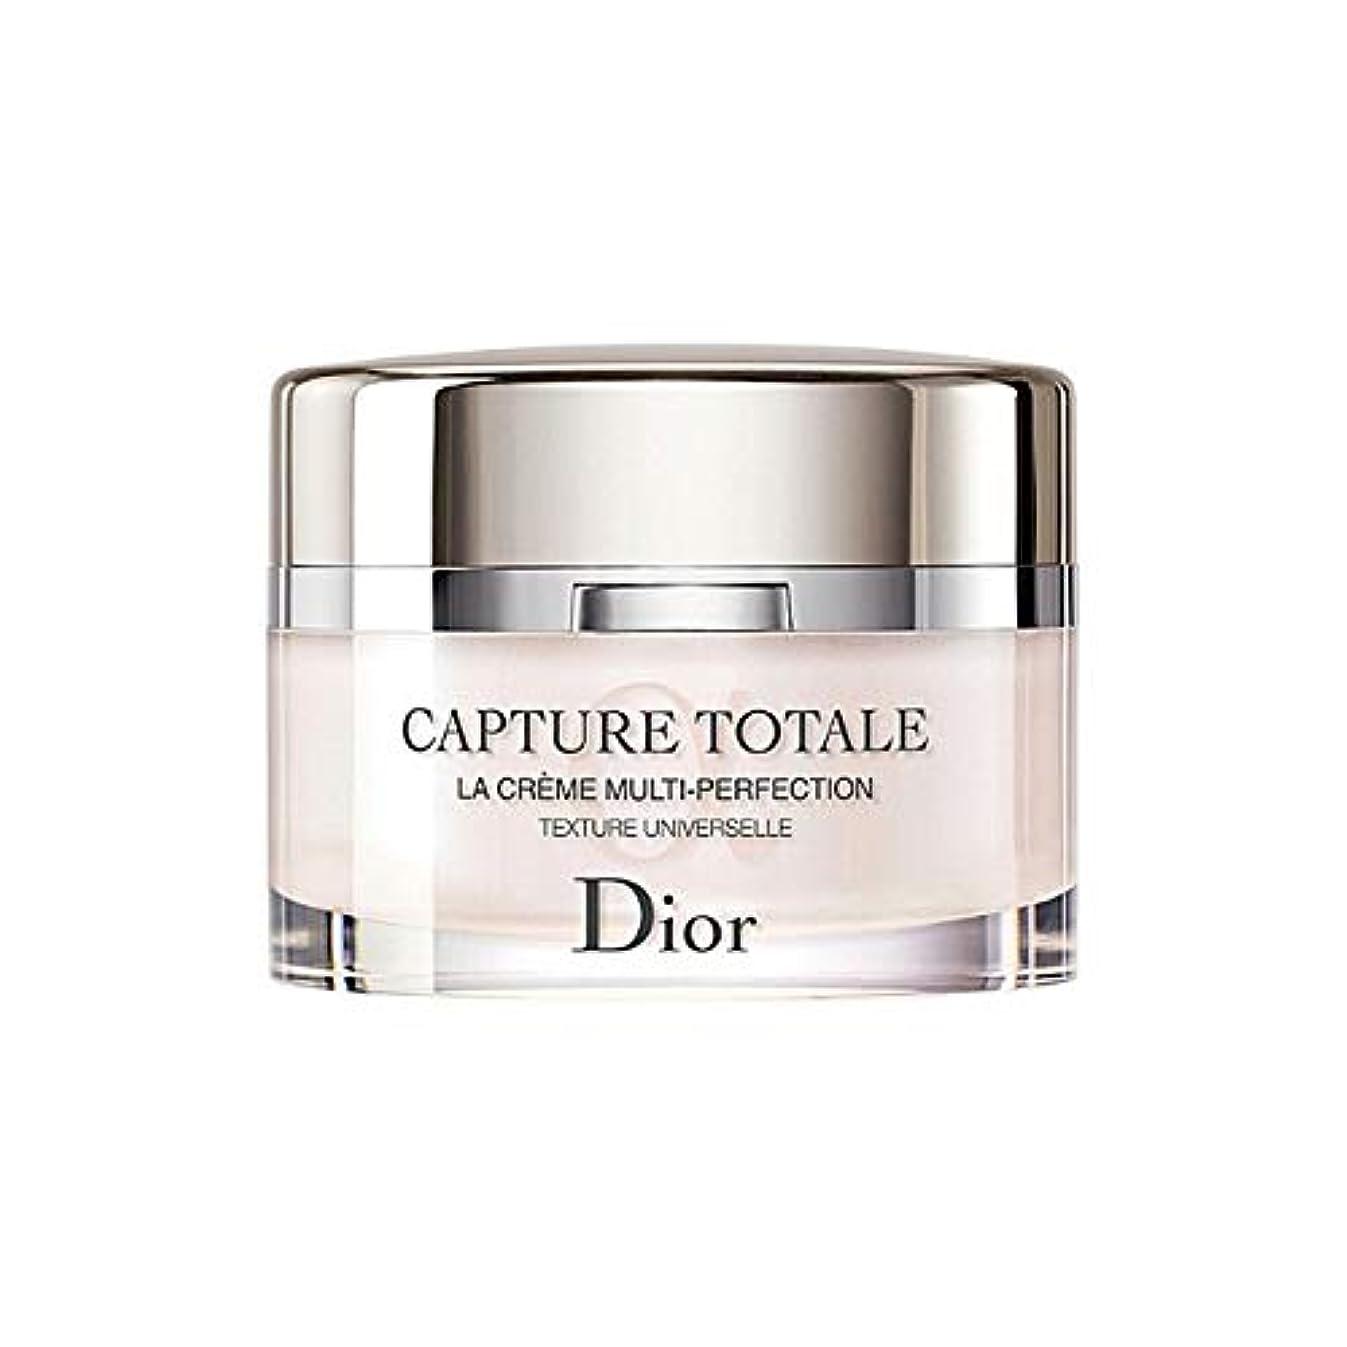 味付けヒールヘビー[Dior] ディオールマルチパーフェクションクリームユニバーサルテクスチャ - リフィル60ミリリットル - Dior Multi-Perfection Creme Universal Texture - The Refill 60ml [並行輸入品]